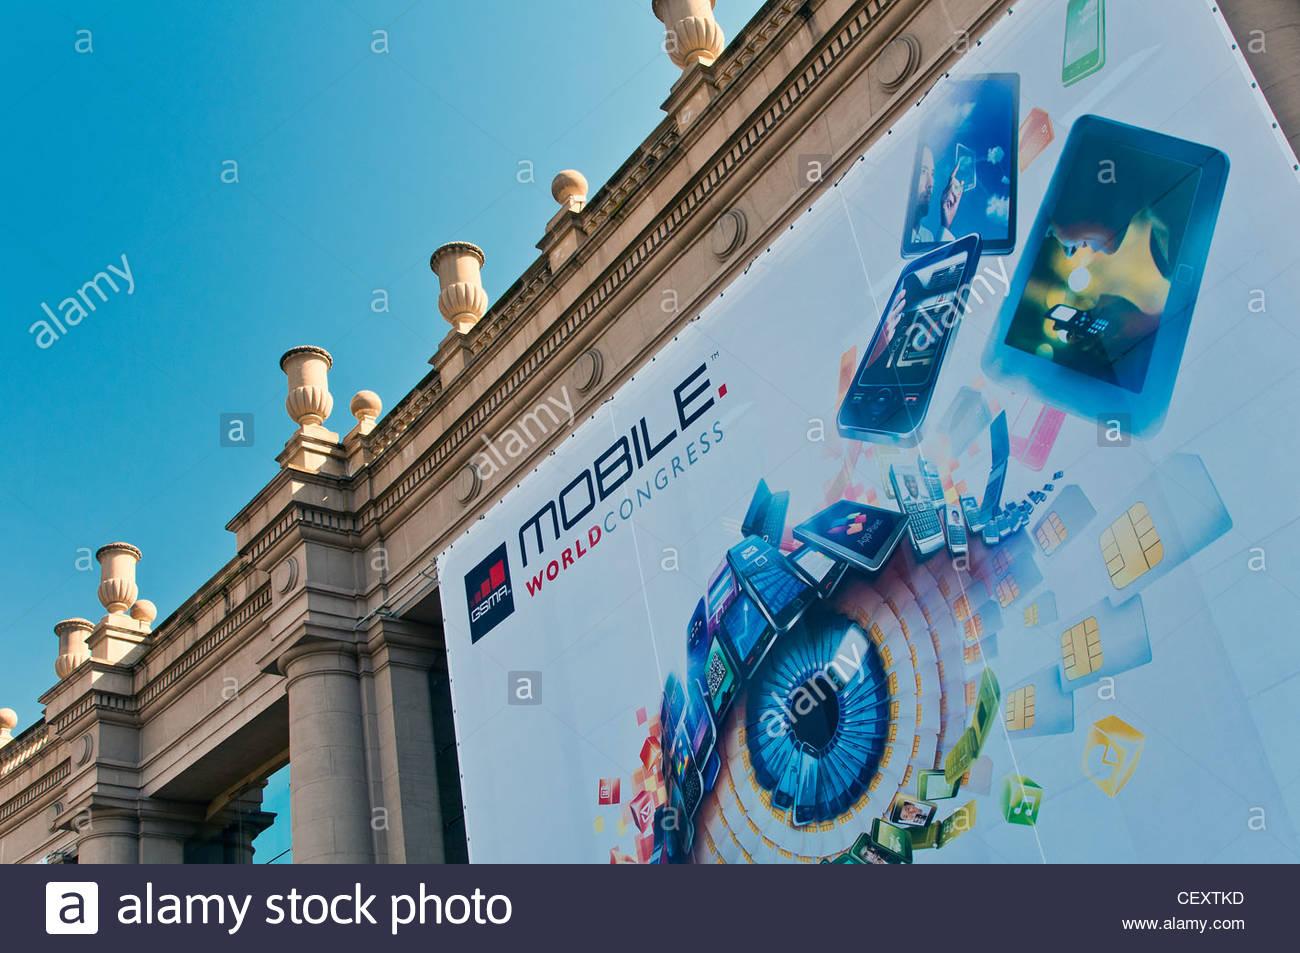 Mobile World Congress exhibition, Trade Fair, Barcelona, Catalonia, Spain - Stock Image